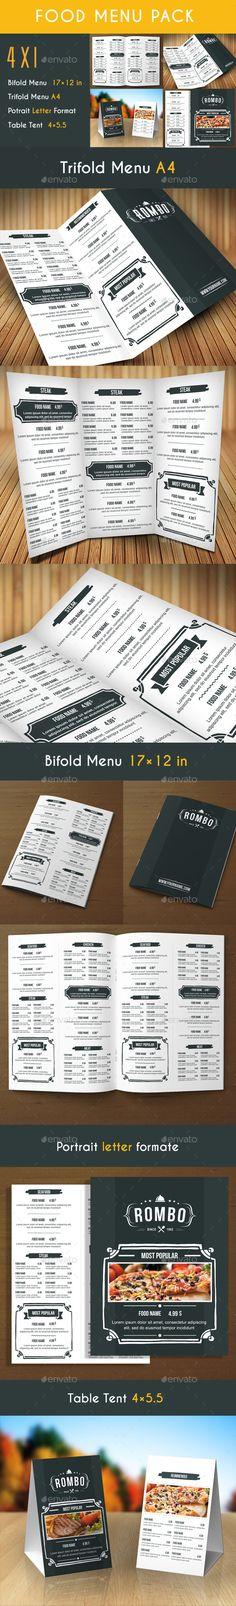 Retro Food Menu Pack - Food Menus Print Templates